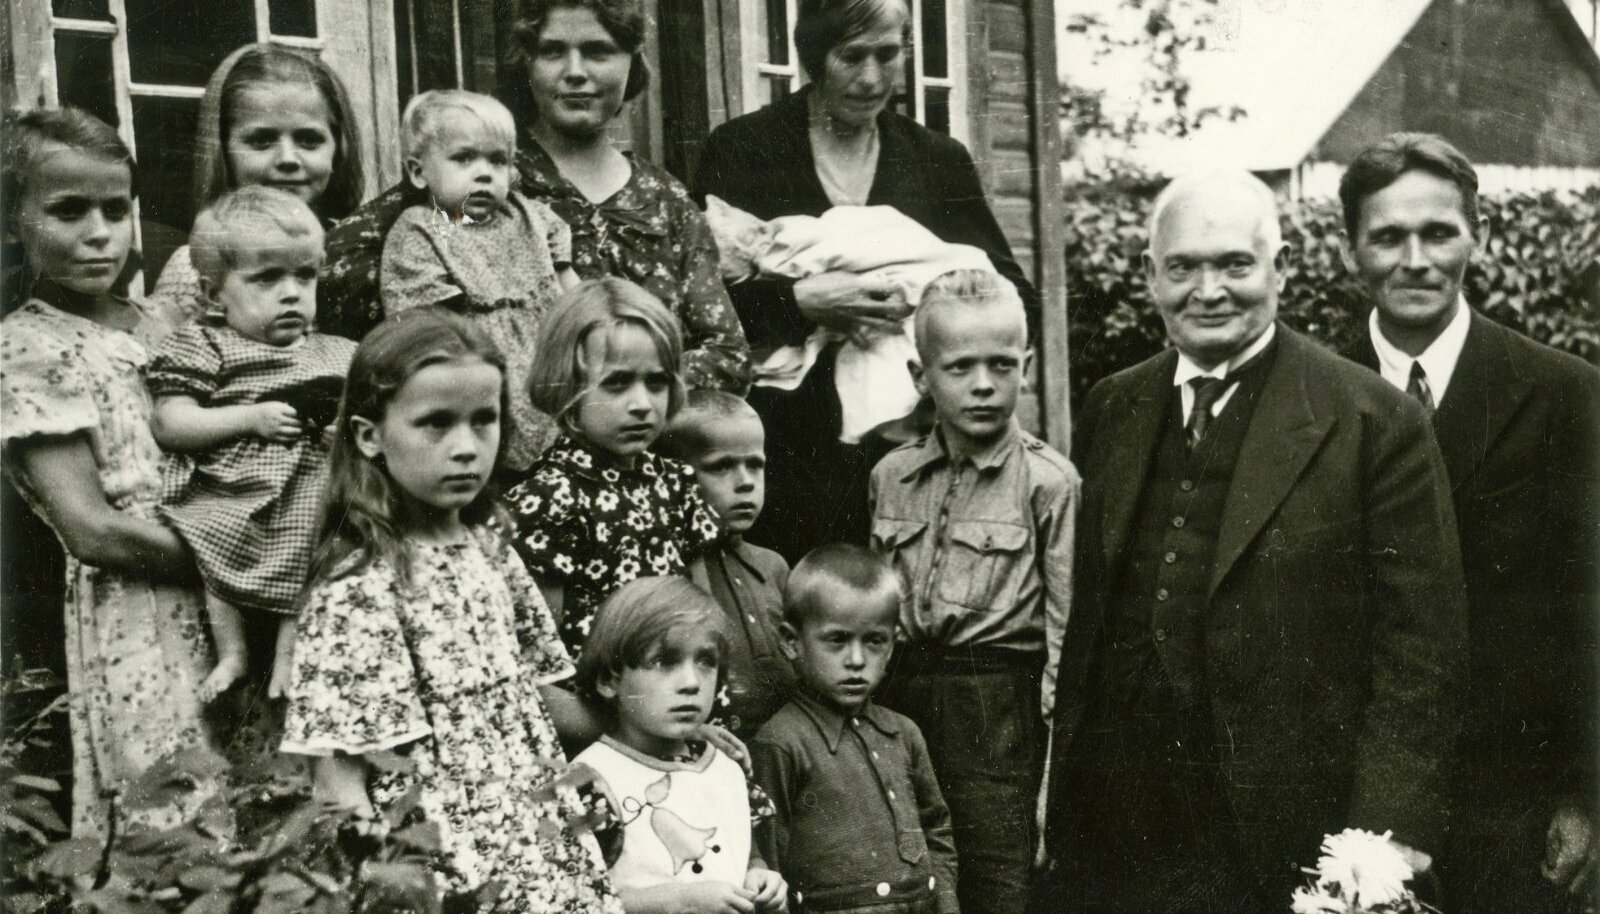 """ОБРАЗЦОВАЯ СЕМЬЯ: В августе 1938 года на Хийумаа, в деревне Пийлиде президент Константин Пятс посетил самую многодетную семью с 12 детьми и пожертвовал 300 крон младшему """"на зубок"""""""